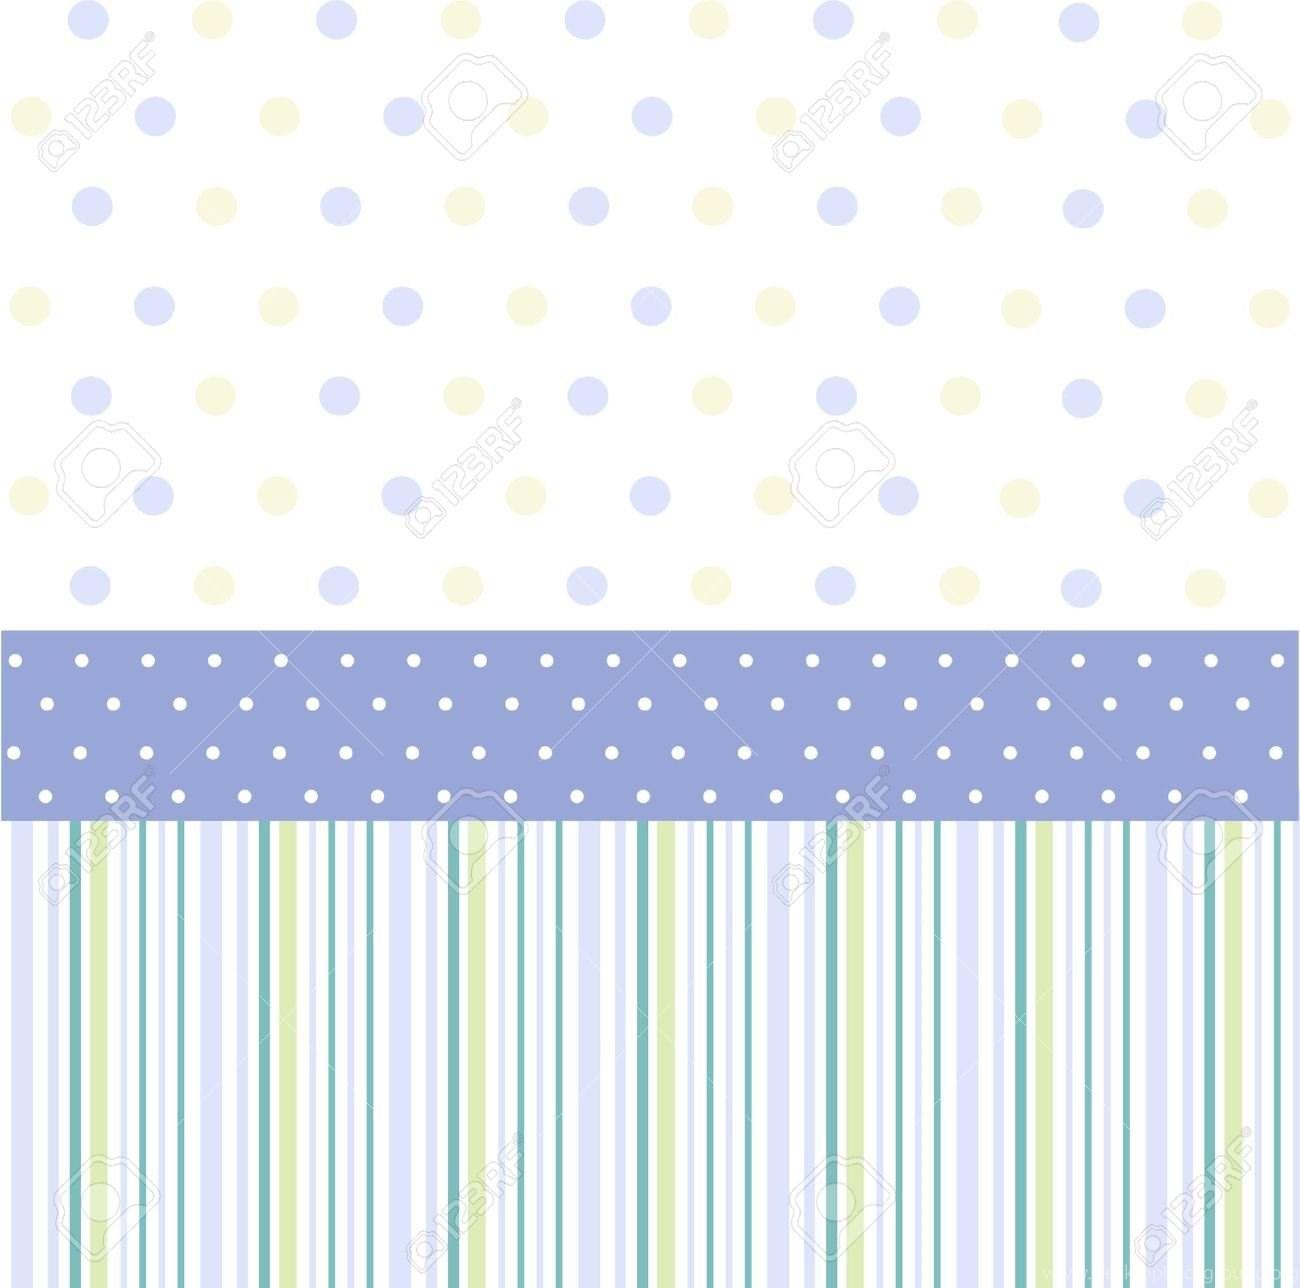 Baby Boy Backgrounds Wallpaper Images Desktop Background